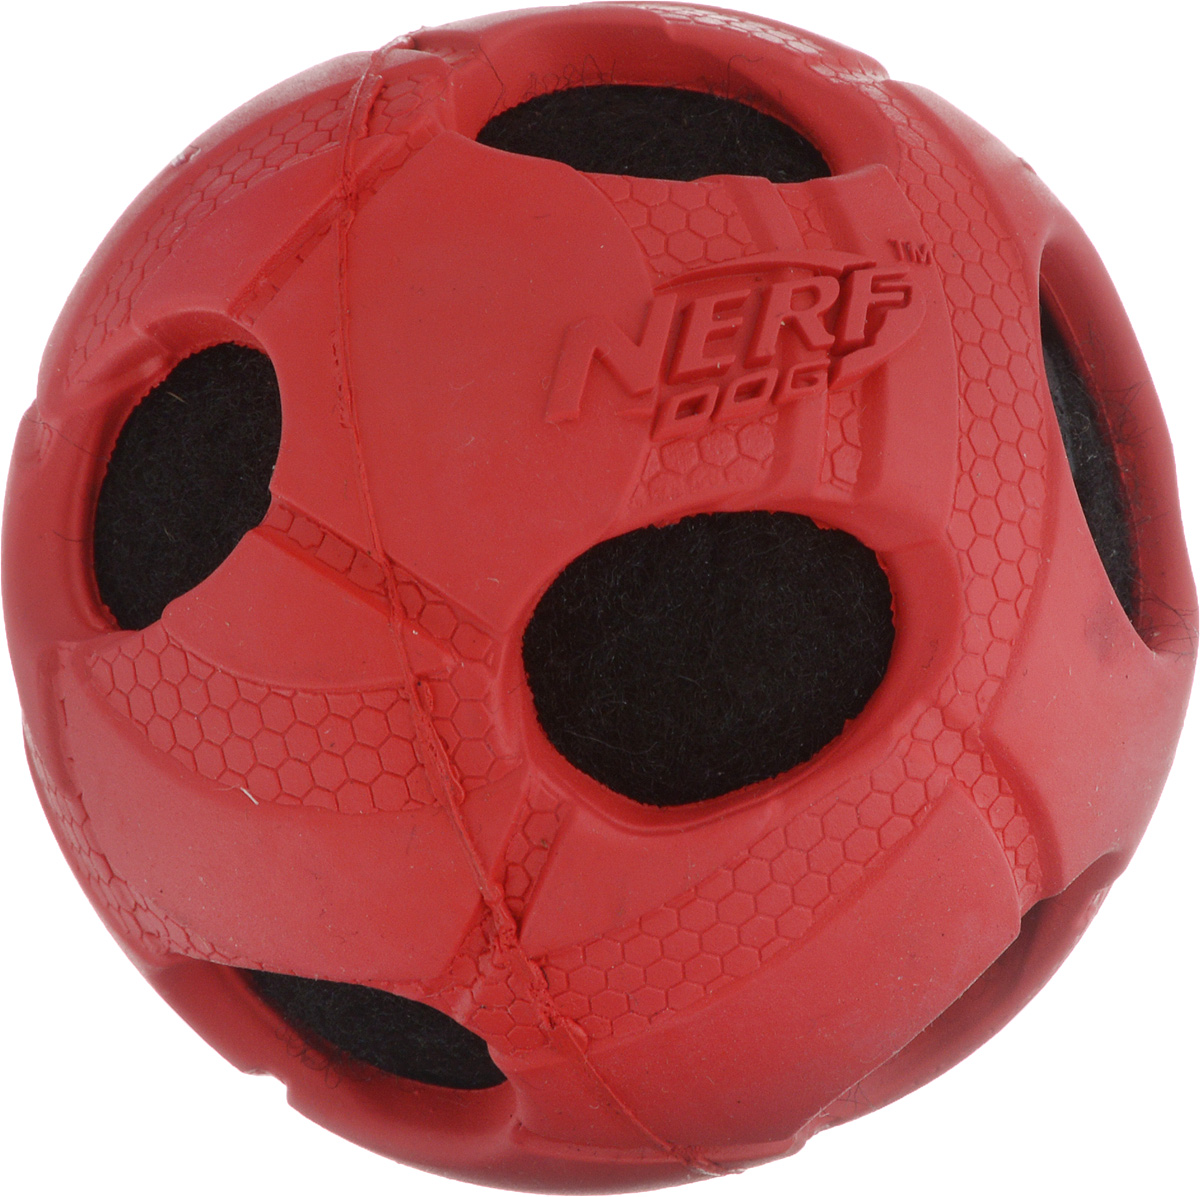 Игрушка для собак Nerf Мяч с отверстиями, диаметр 7,5 см75344Игрушка для собак Nerf Мяч с отверстиями выполнена из прочной резины с теннисным мячом внутри. Такая игрушка порадует вашего любимца, а вам доставит массу приятных эмоций, ведь наблюдать за игрой всегда интересно и приятно. Диаметр игрушки: 7,5 см.